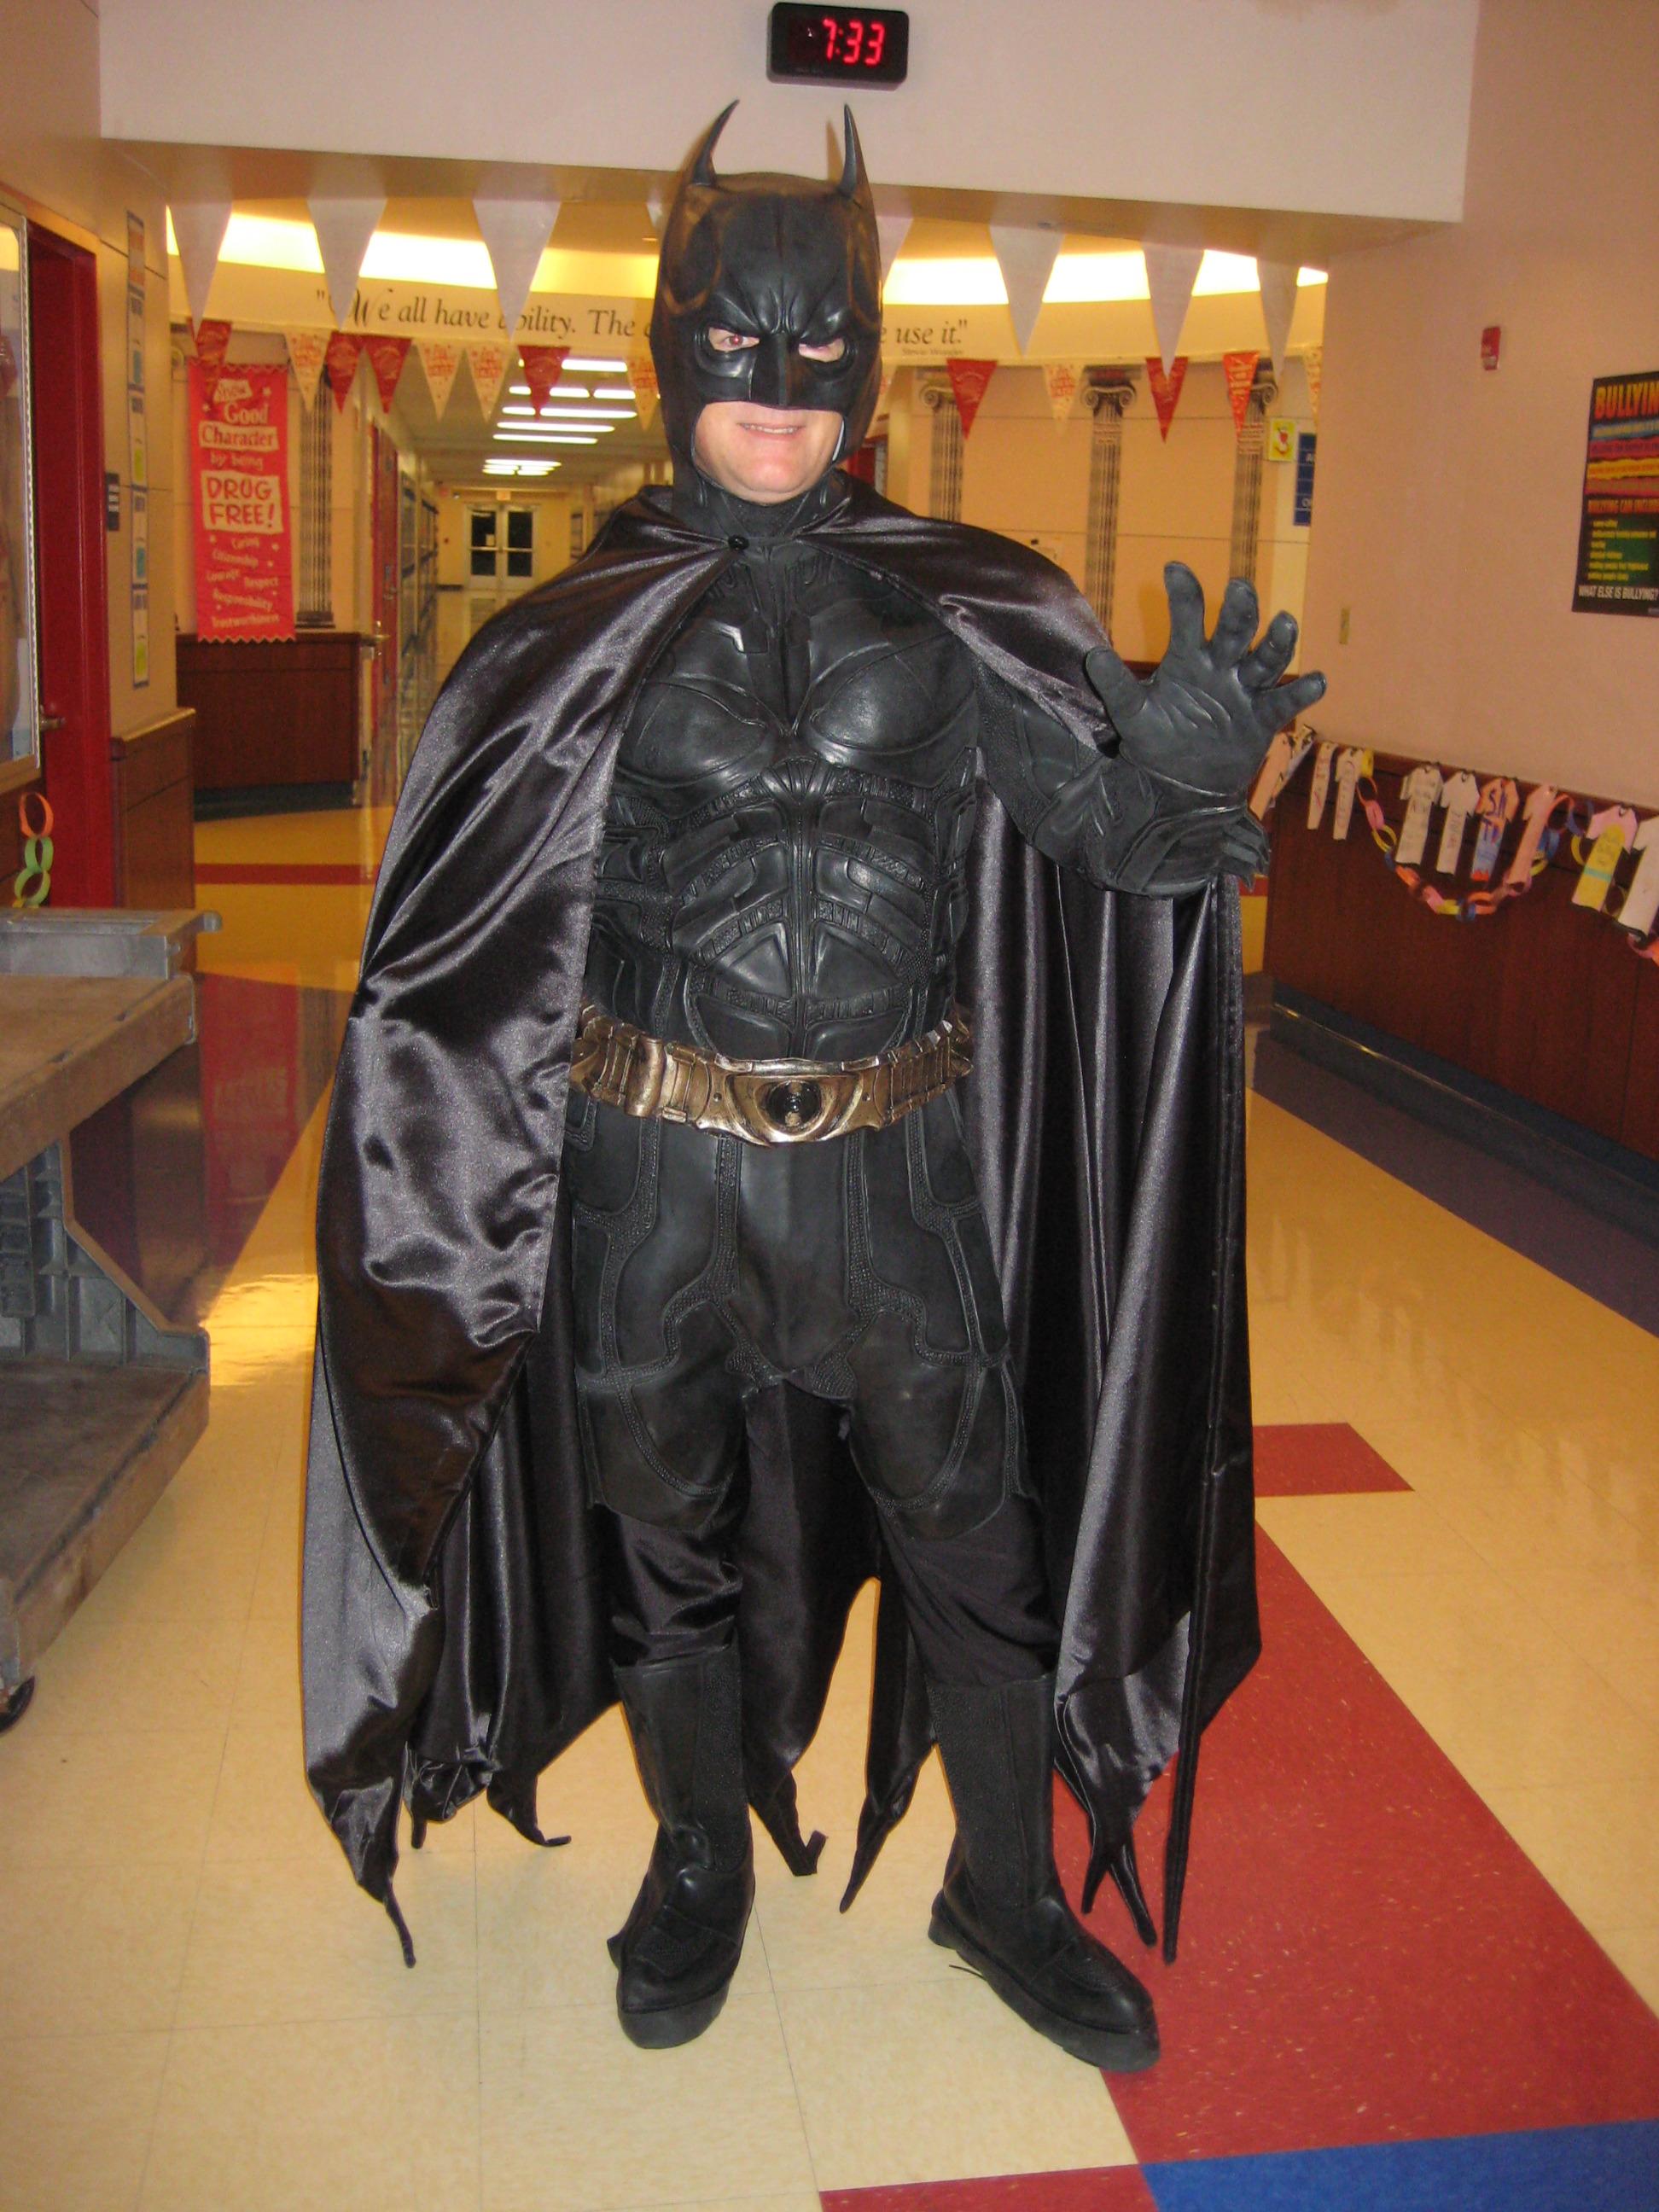 ea6a8a859955afbda249_Batman.JPG